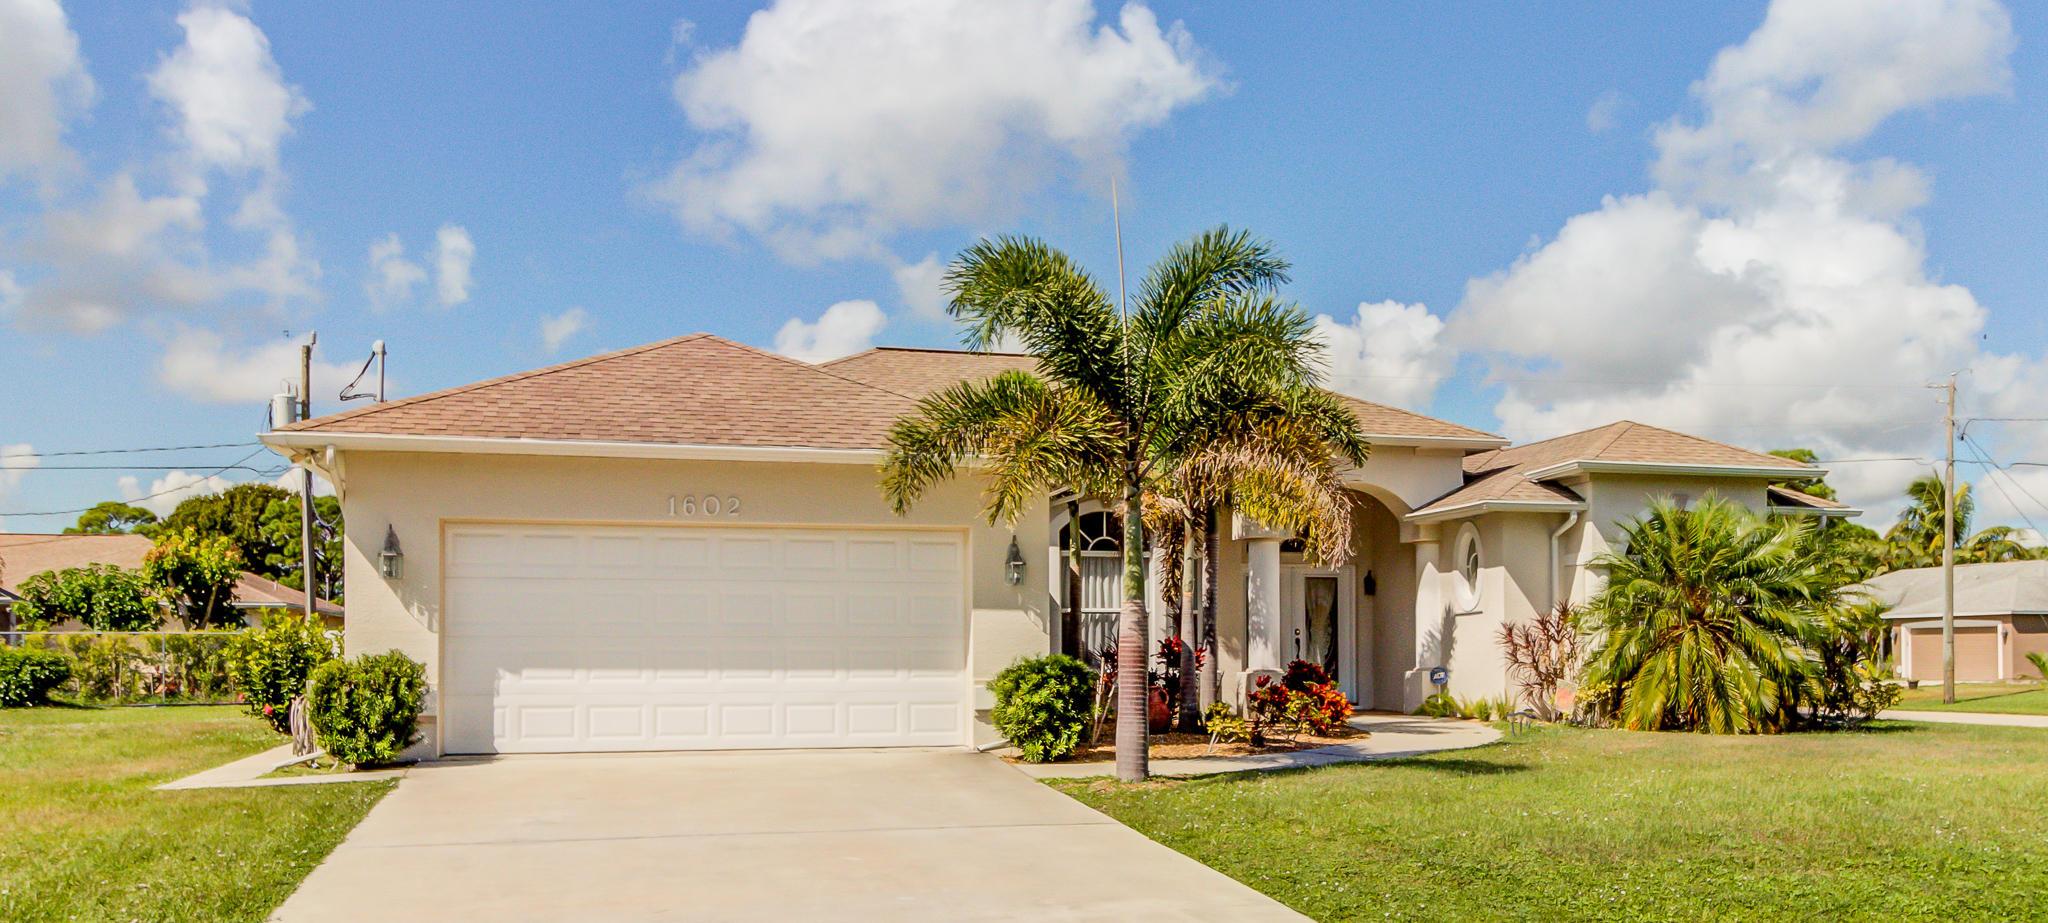 1602 SE Ridgewood Street, Port Saint Lucie, Florida